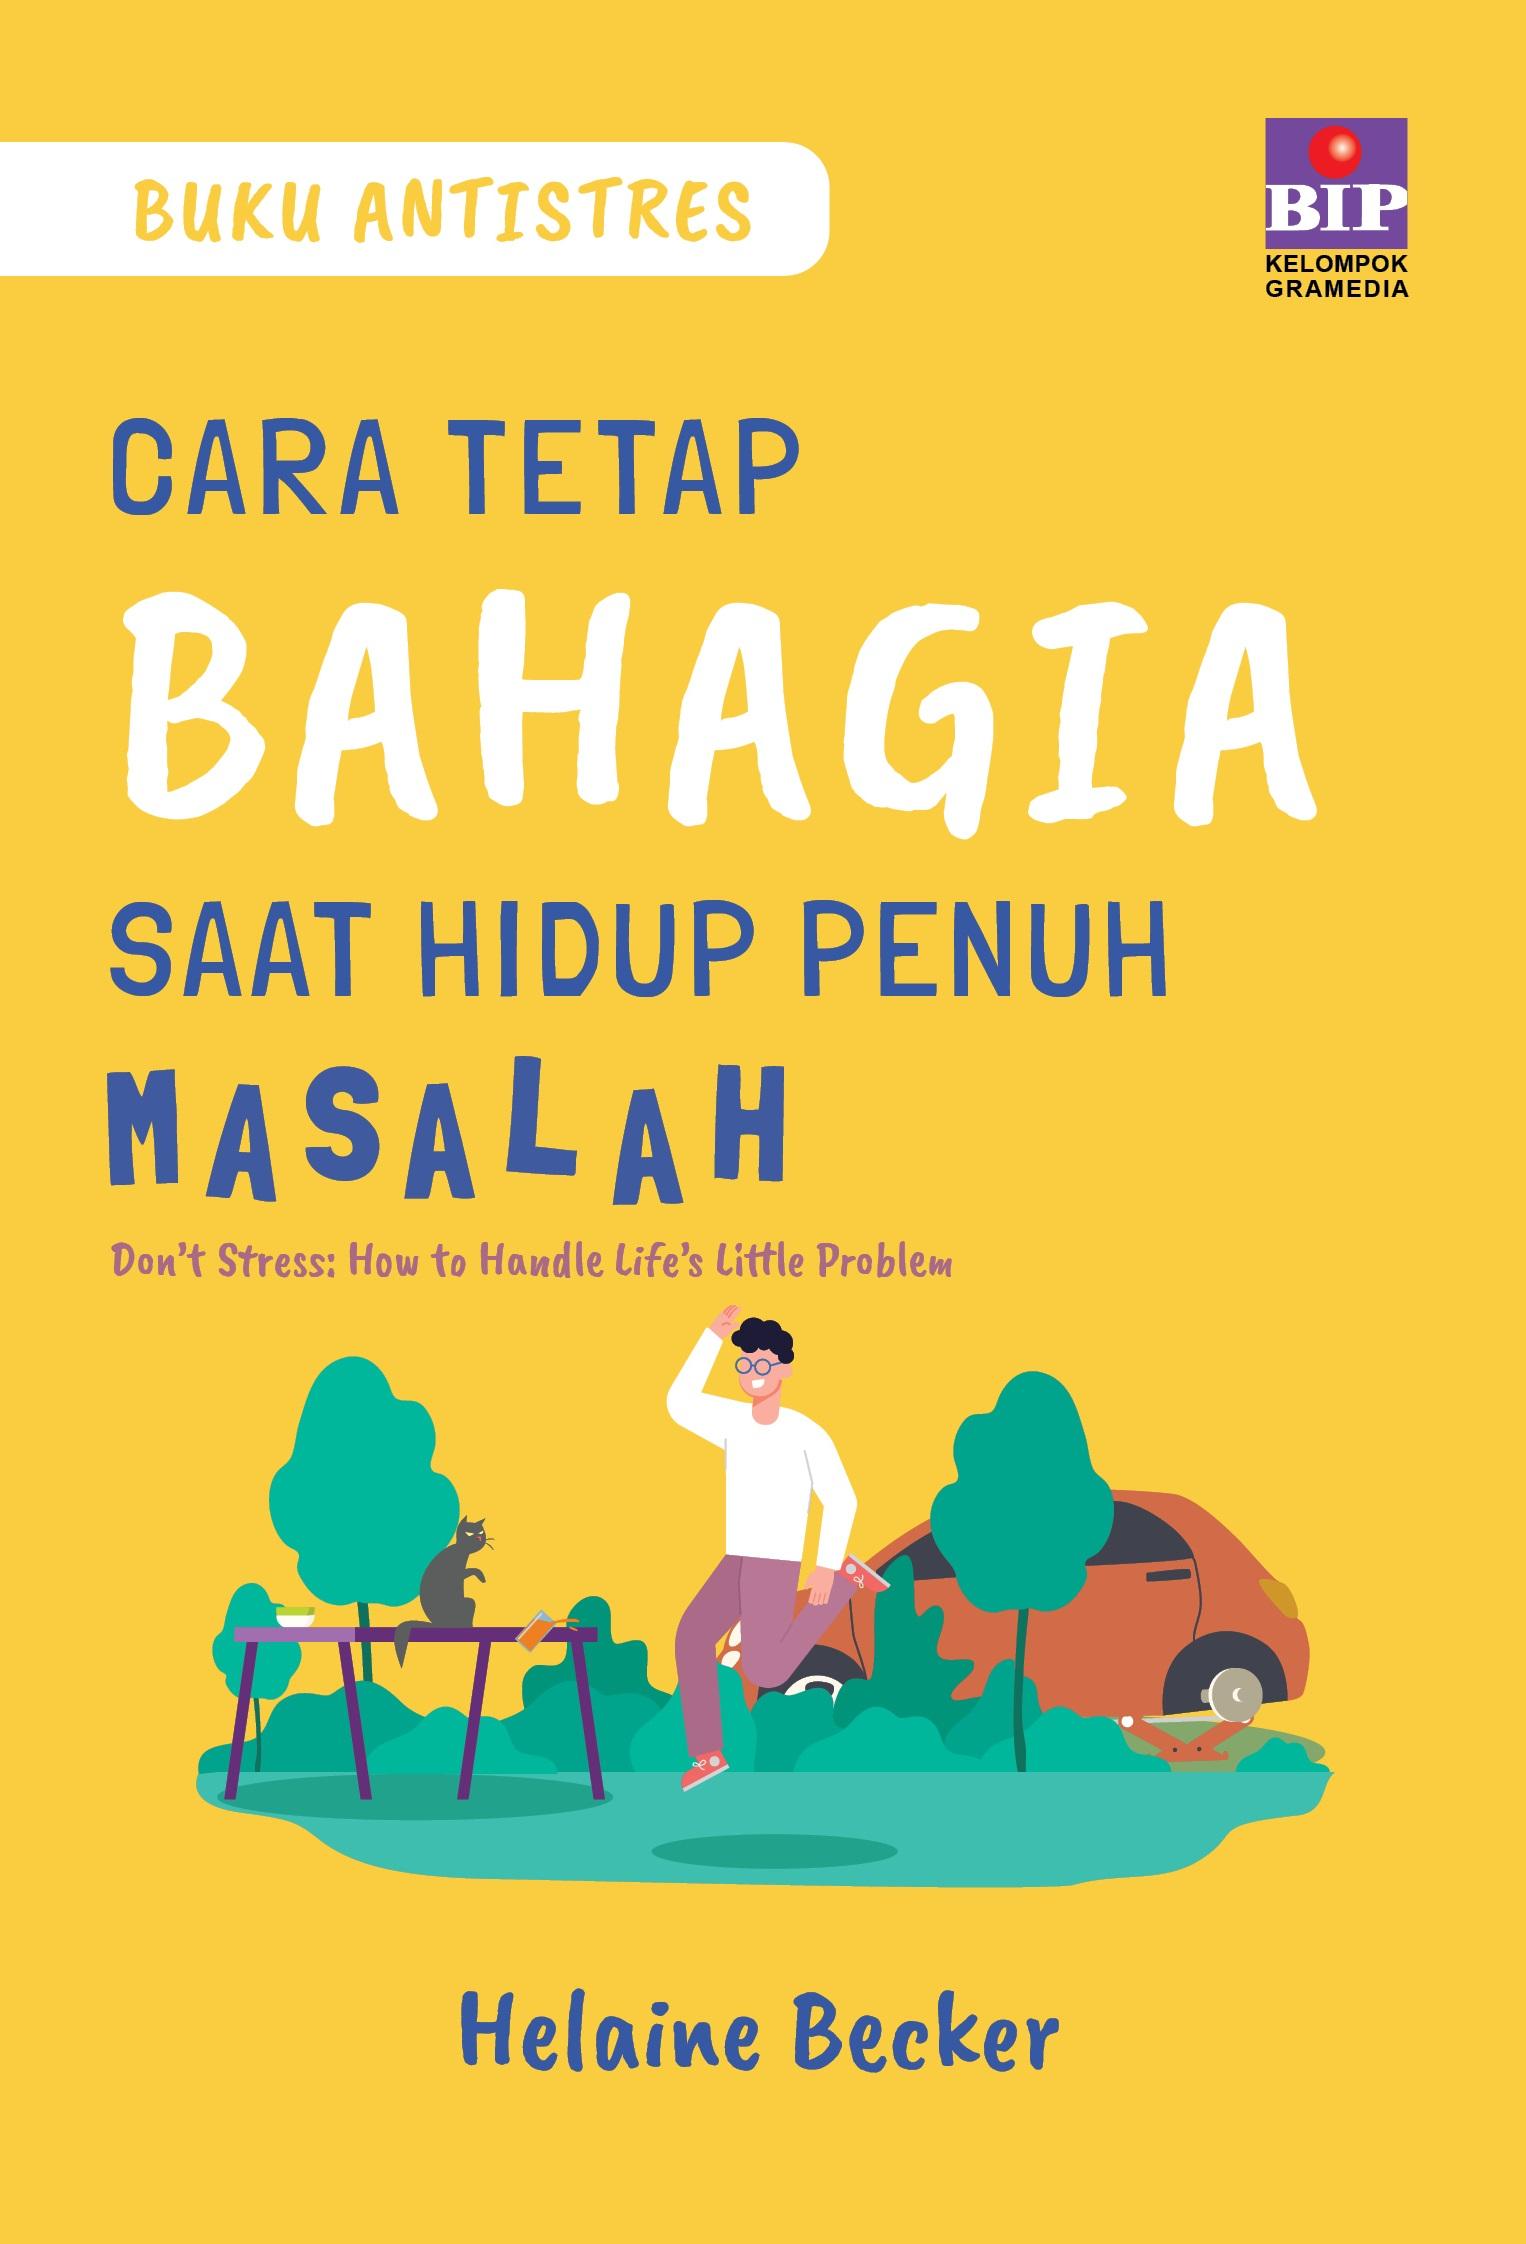 Buku Antistres : Cara Tetap Bahagia Saat Hidup Penuh Masalah HELAINE BECKER